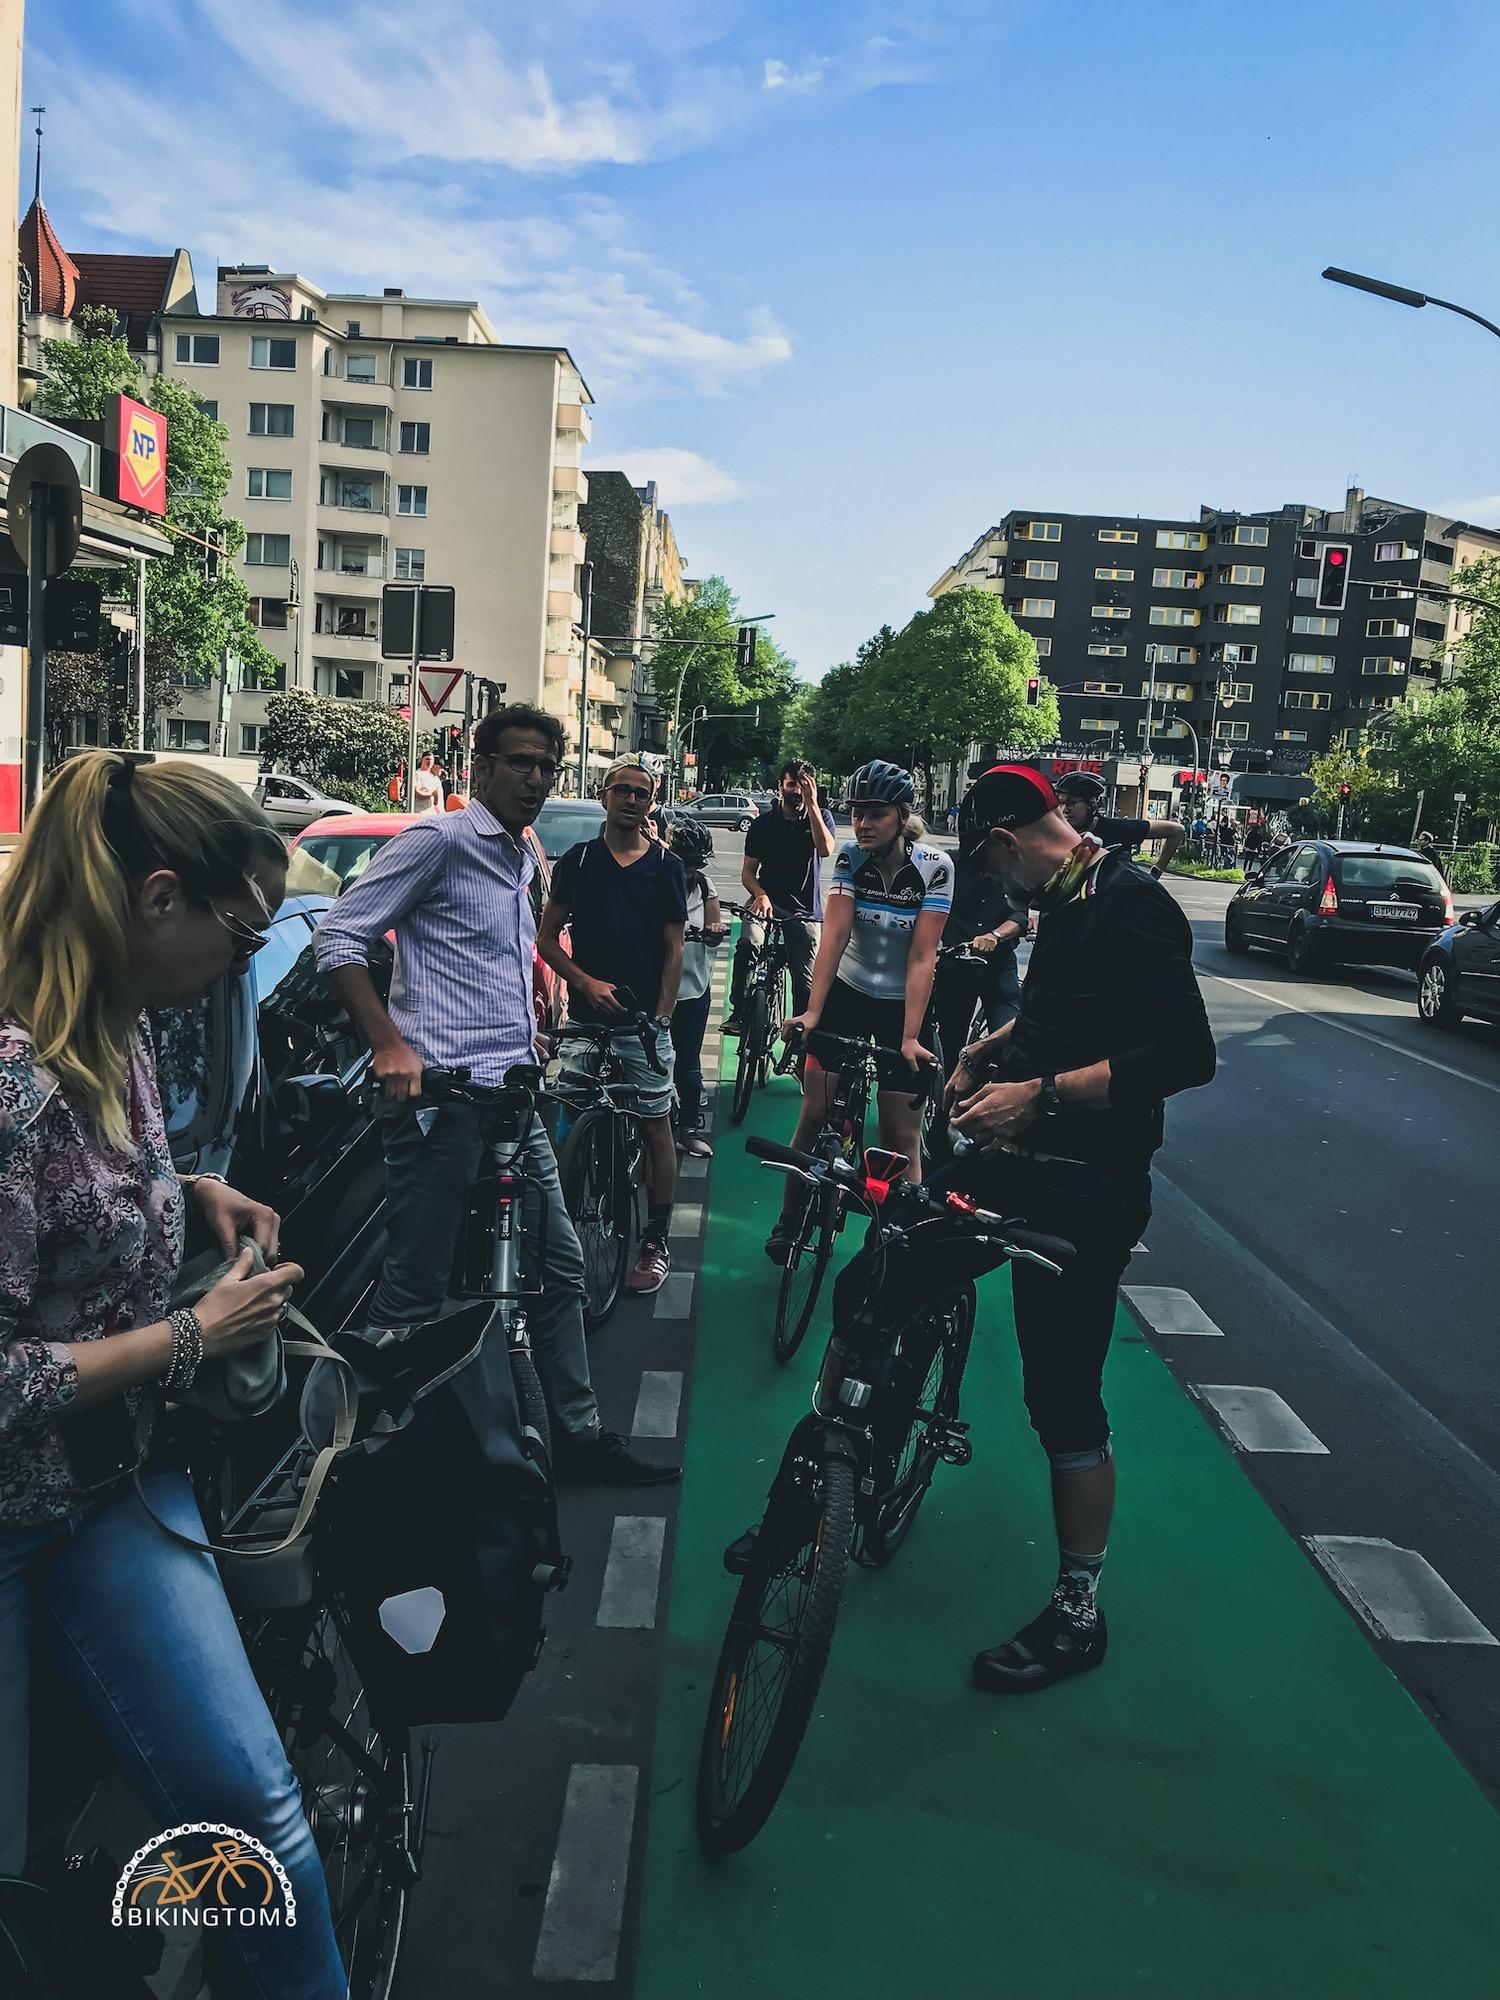 Heinrich Strößenreuther, Volksentscheid Fahrrad, Fahrrad